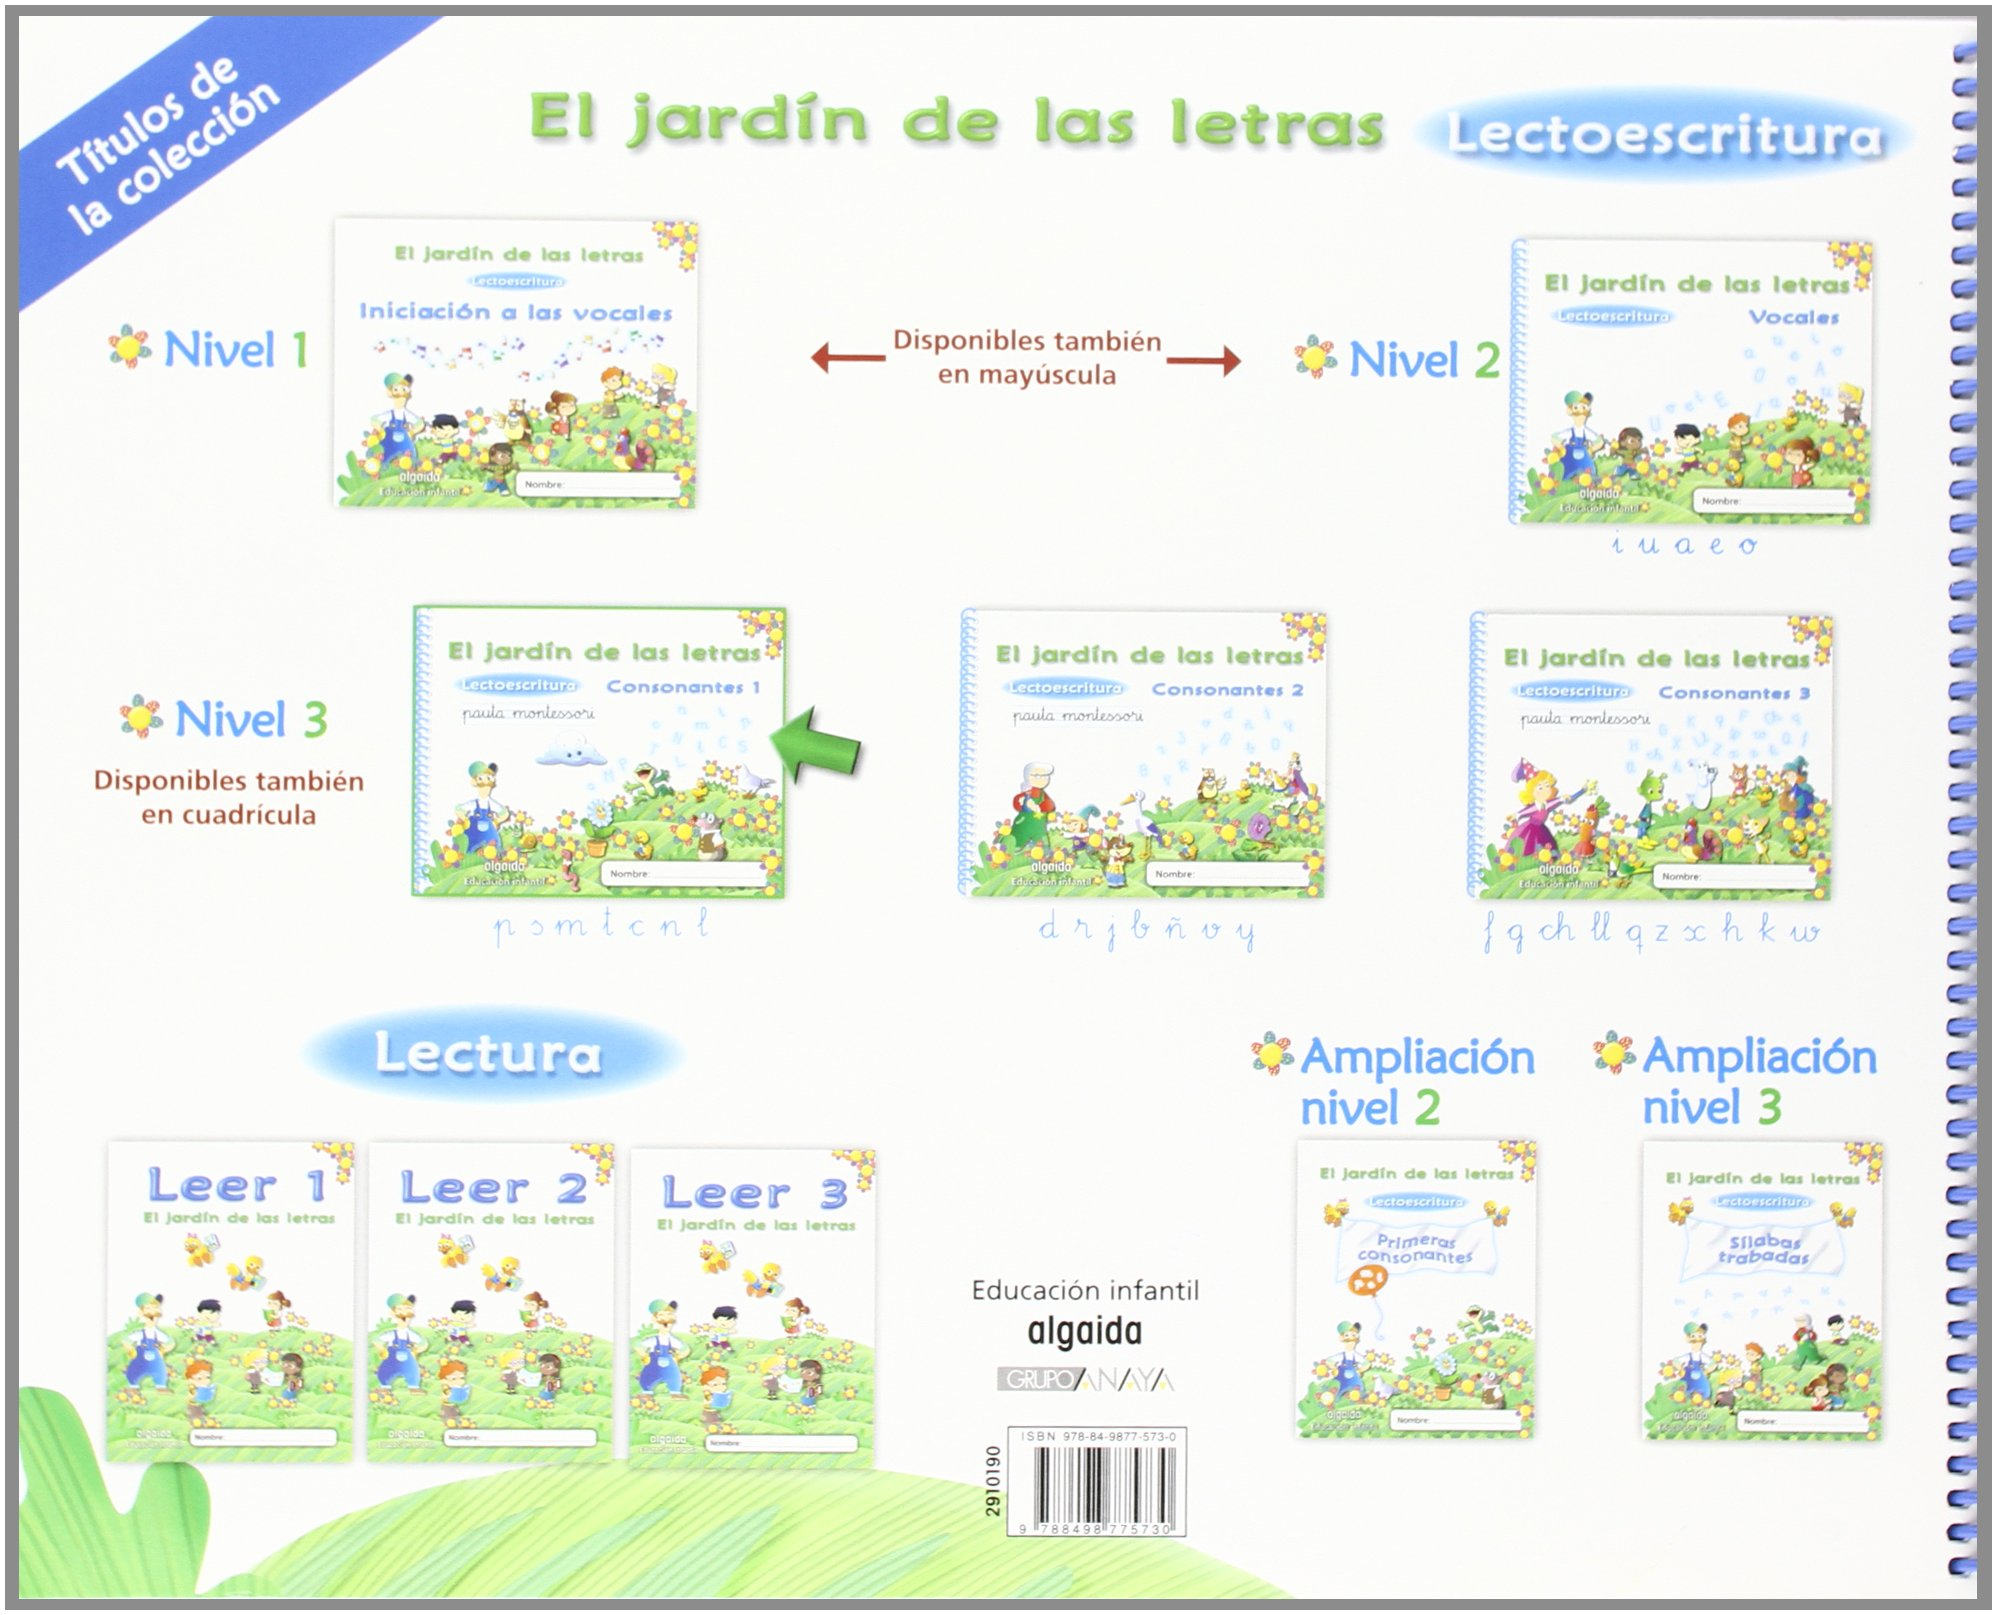 El jardín de las letras. Consonantes 1. Educación Infantil Educación Infantil Algaida. Lectoescritura - 9788498775730: Lectoescritura Pauta: Amazon.es: Campuzano Valiente, María Dolores: Libros